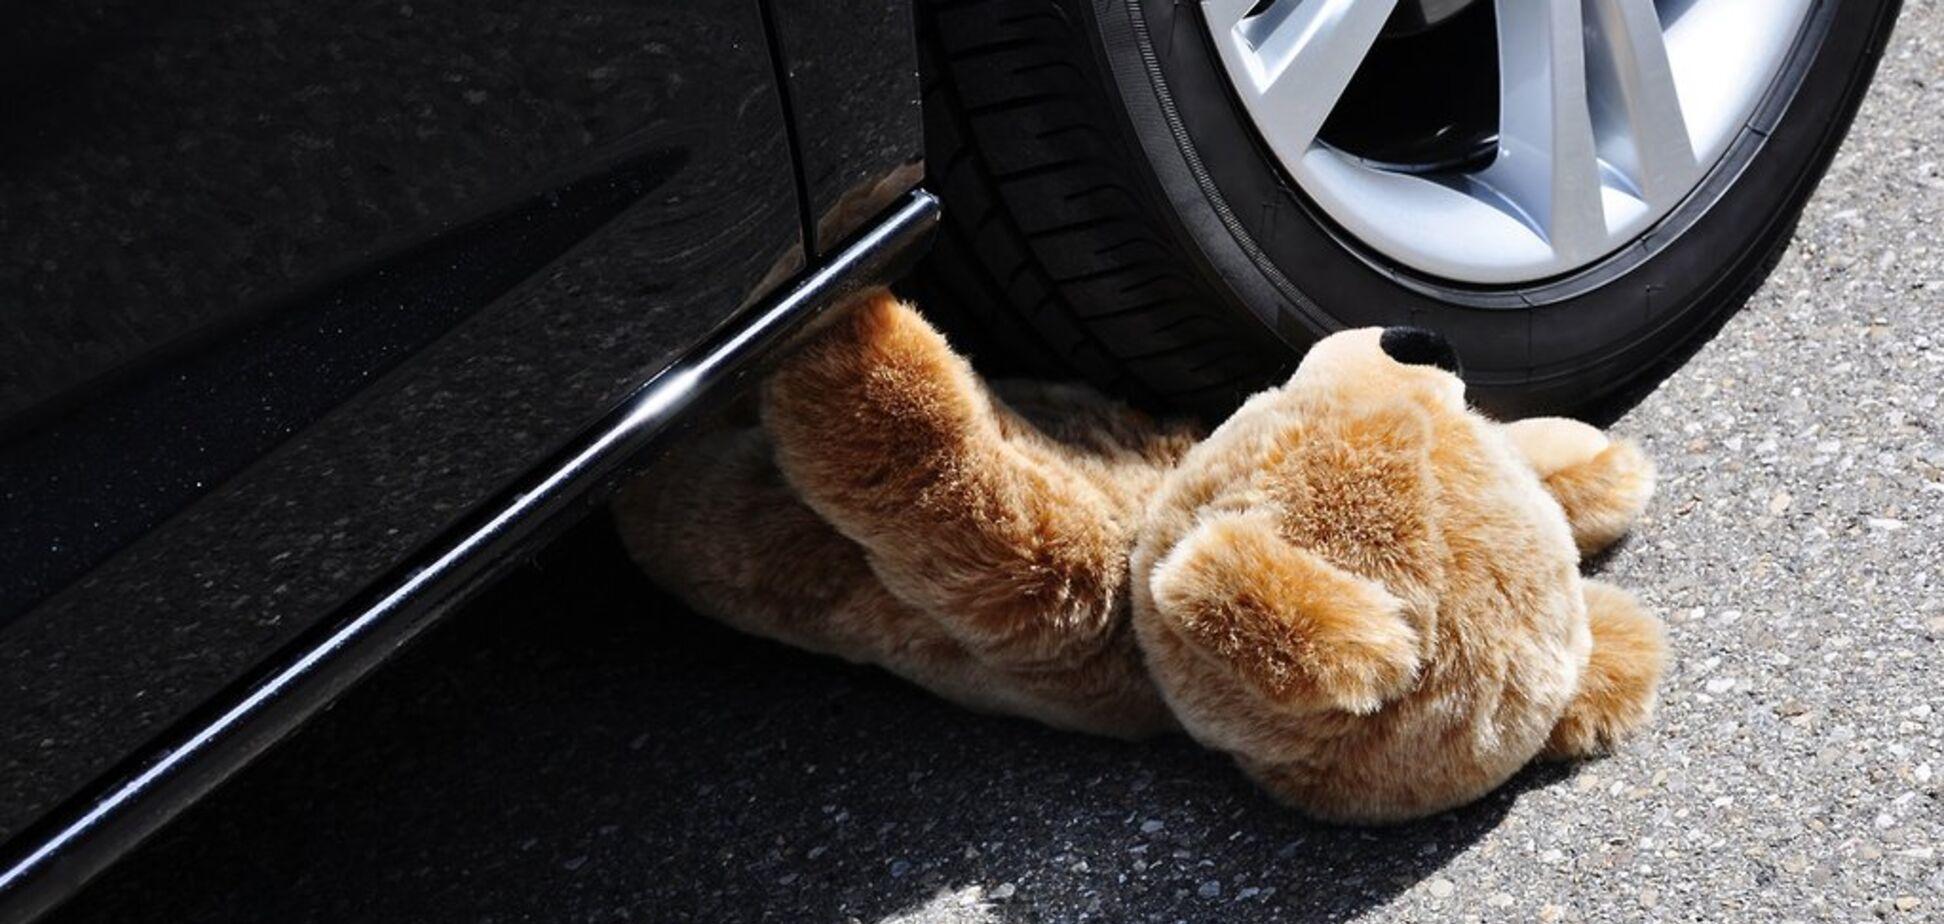 В Днепре автомобиль на полном ходу сбил ребенка: видео жуткого ДТП